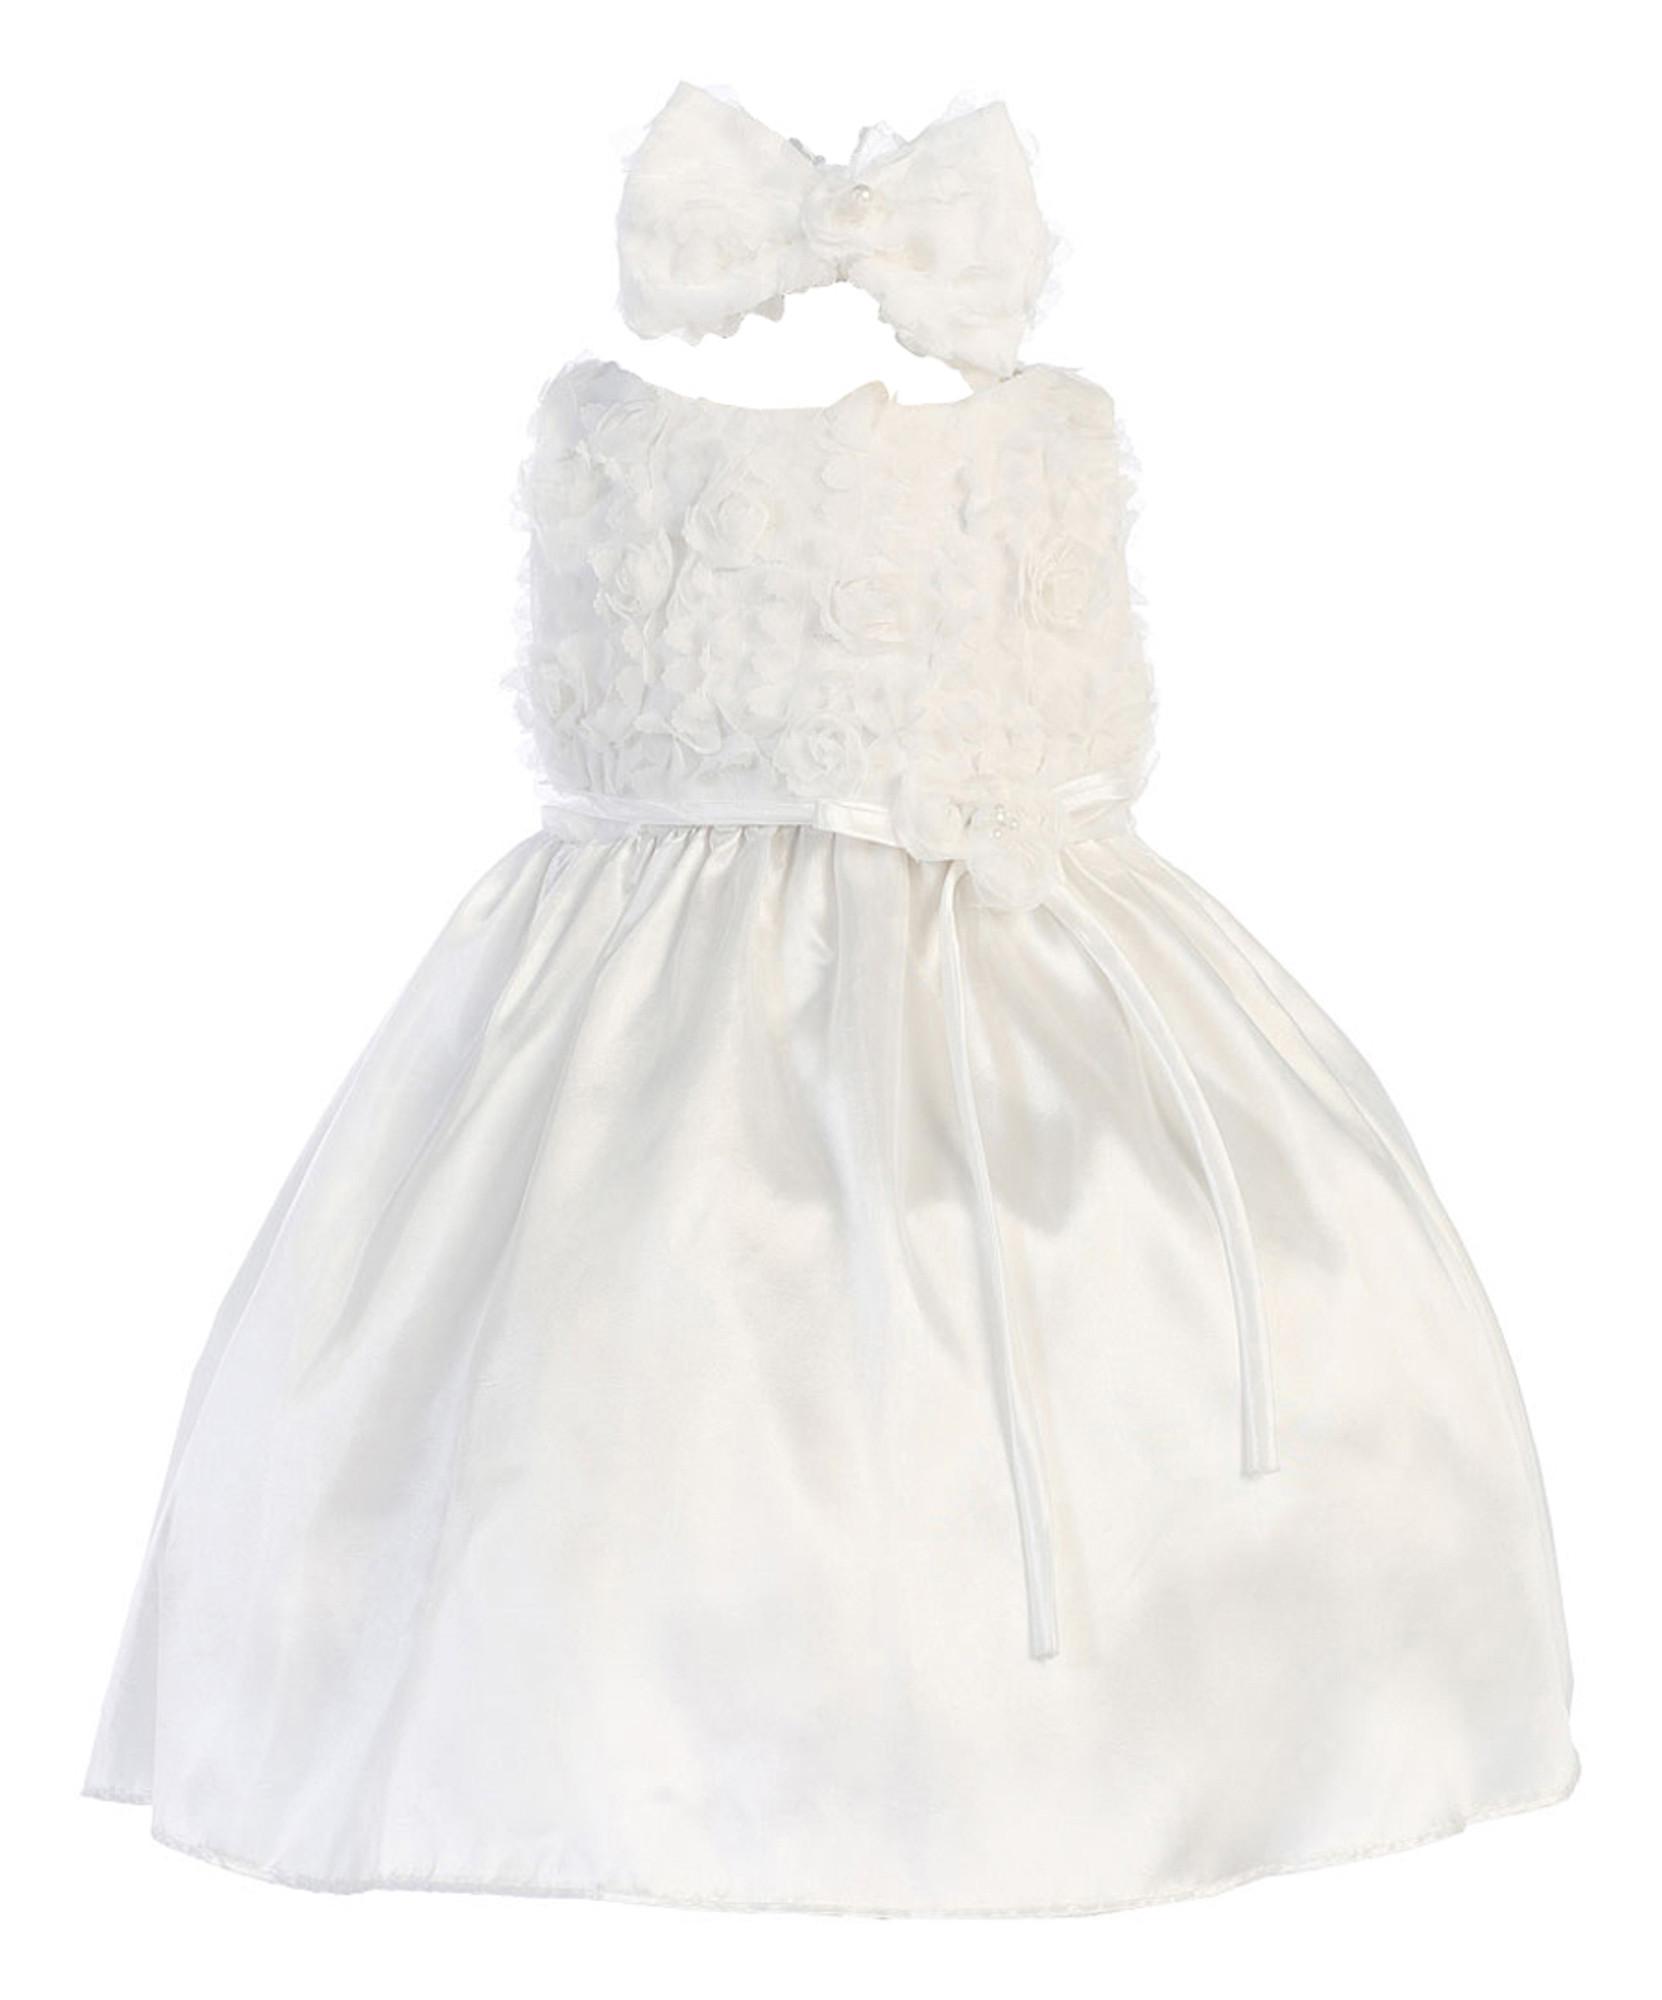 BIMARO Baby Mädchen Taufkleid Louise weiß Babykleid Kleid Satin Blüten Haarband Taufe Hochzeit festlich Festkleid 001